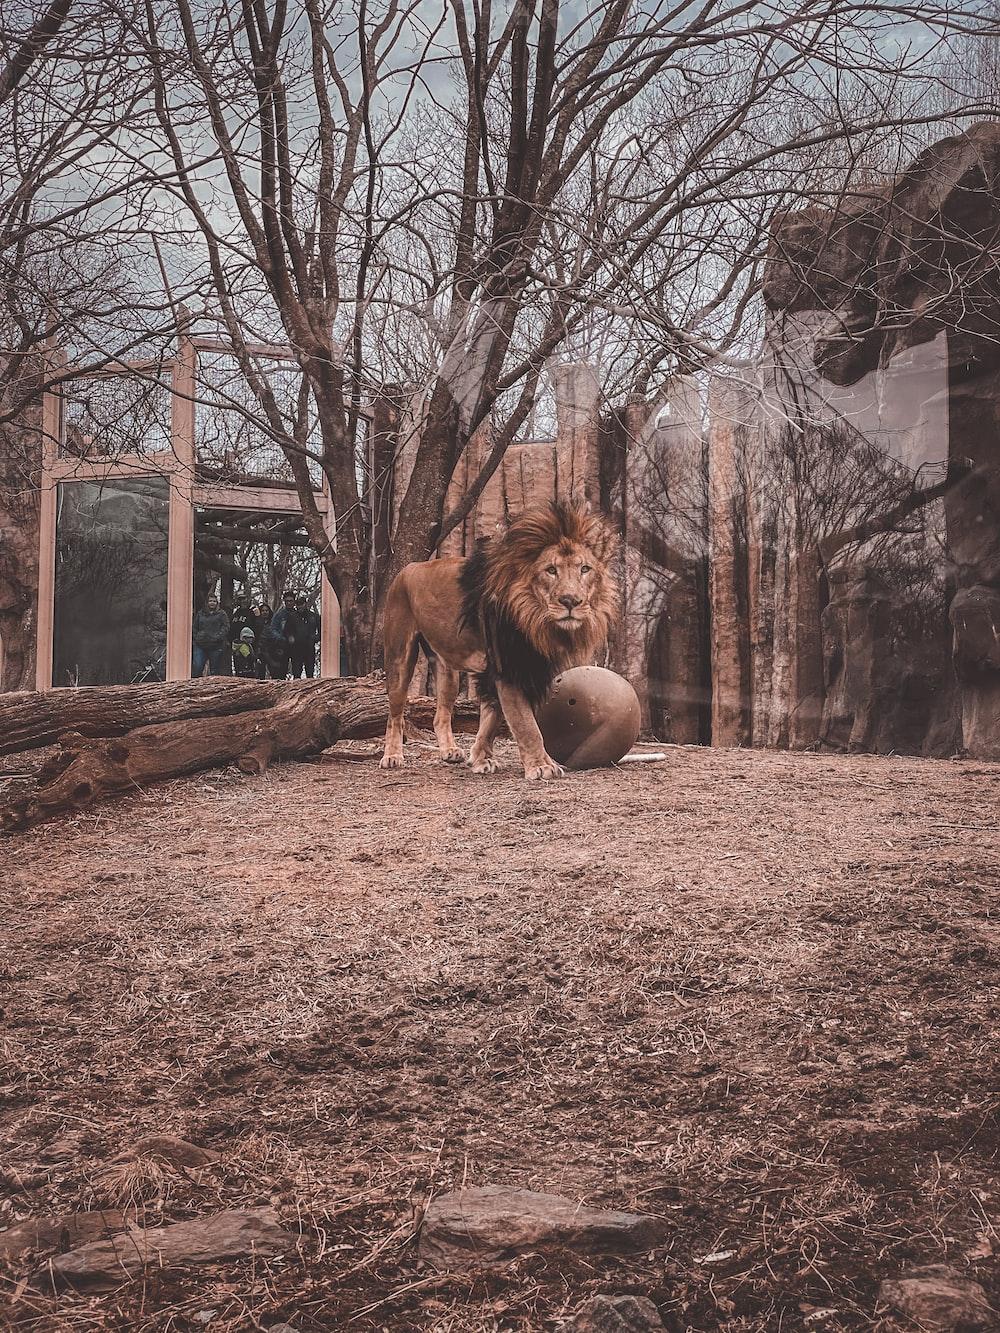 brown lion on brown grass field